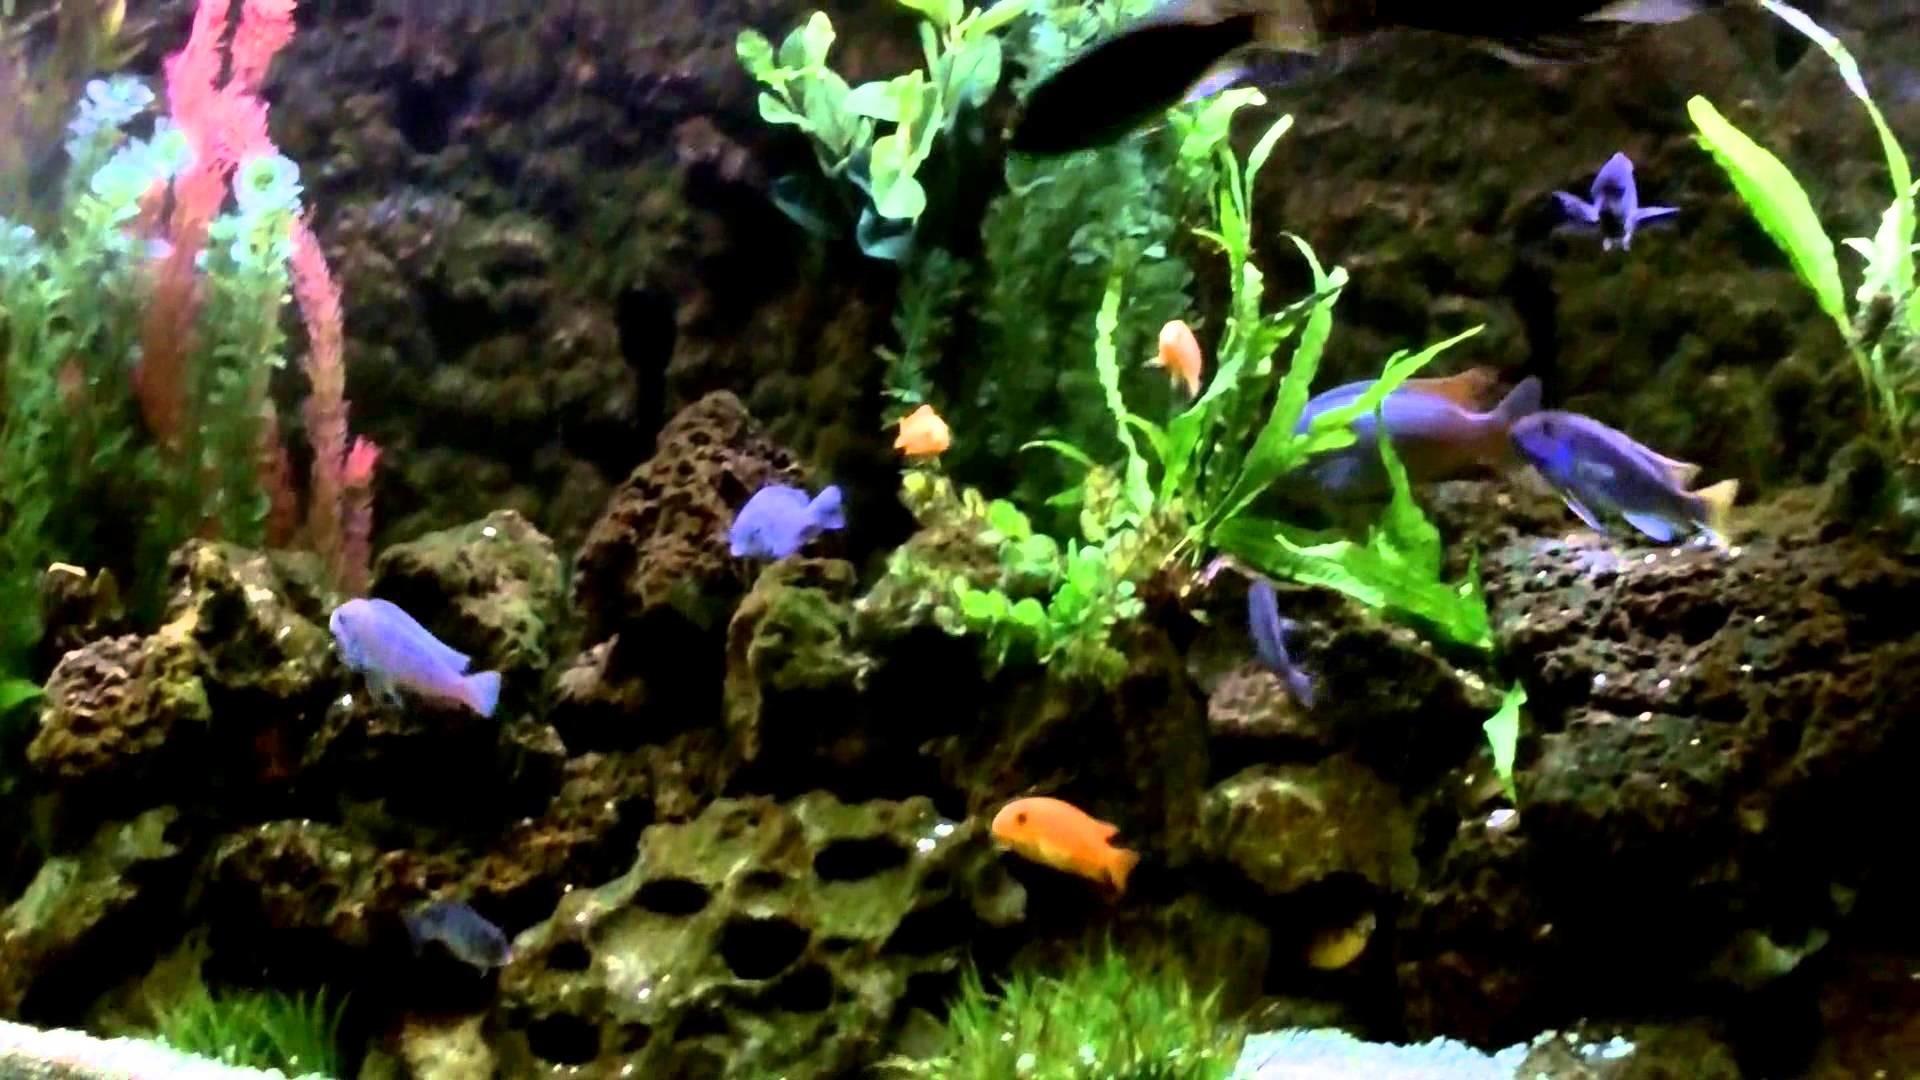 Aquarium Background Pictures (55+ pictures)